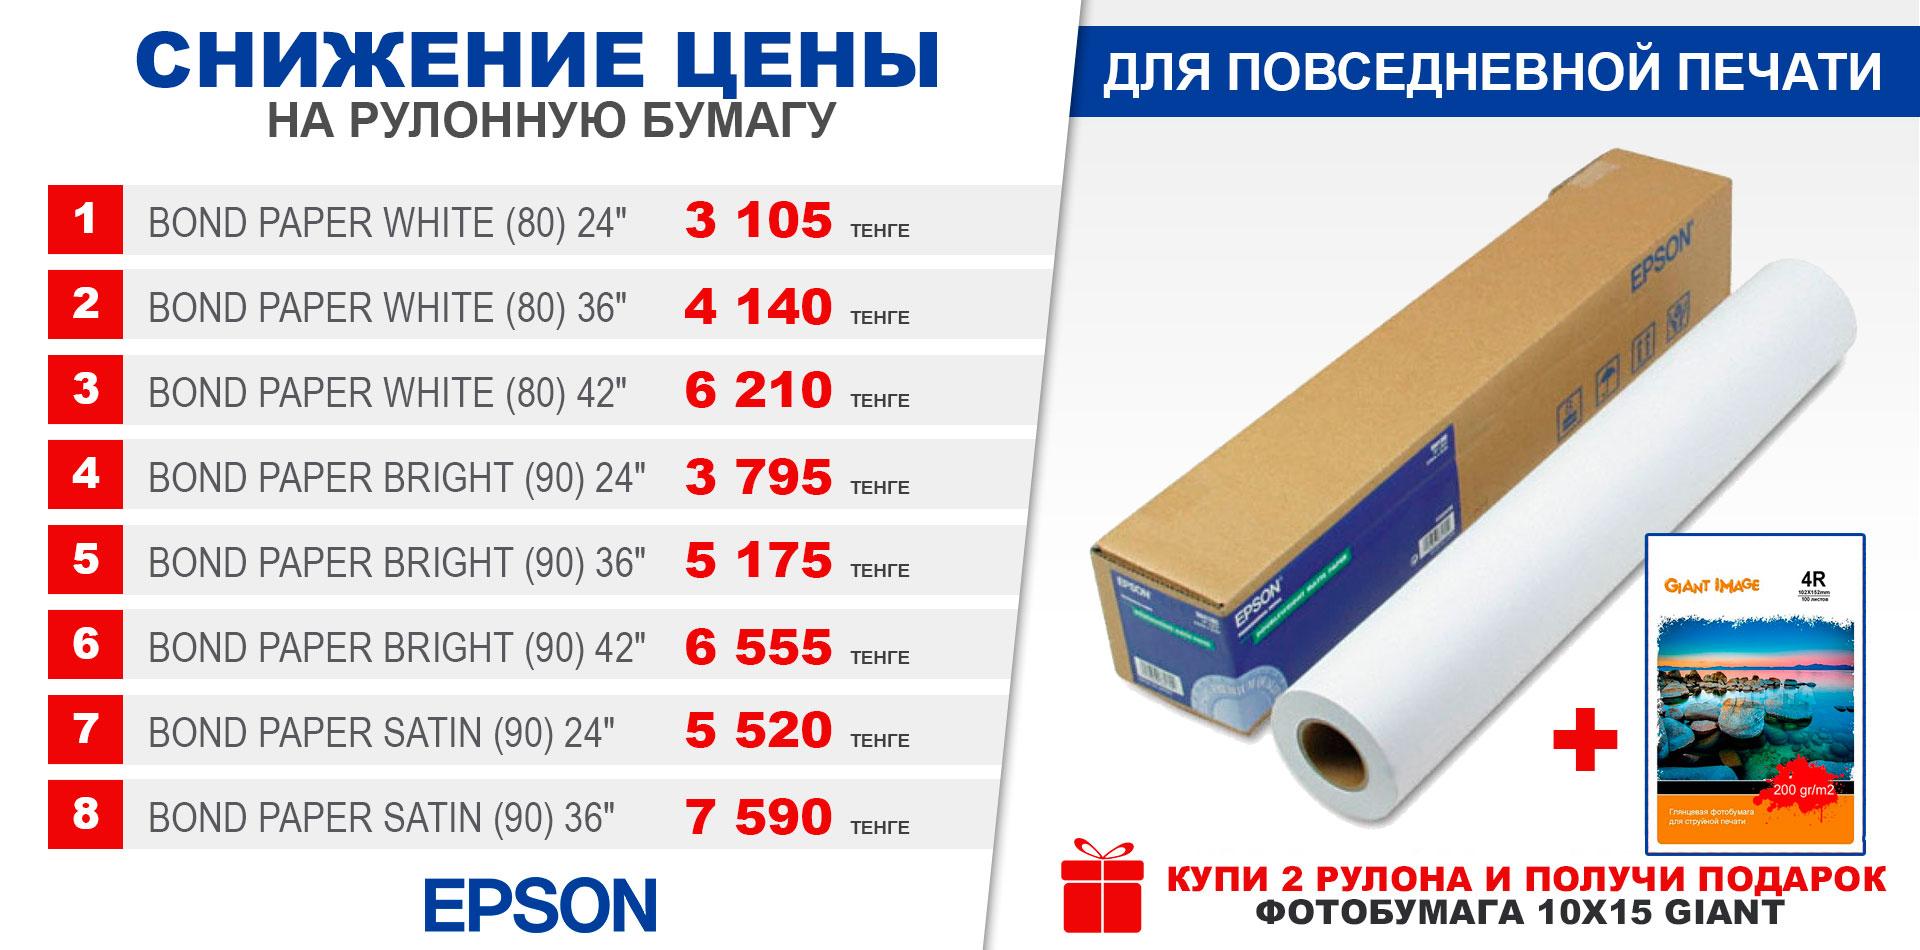 купить рулонную бумагу, рулонная бумага цена, рулонная бумага epson, рулонная бумага для плоттера, рулонная бумага для принтера, рулонная бумага цена, рулонная бумага офсетная